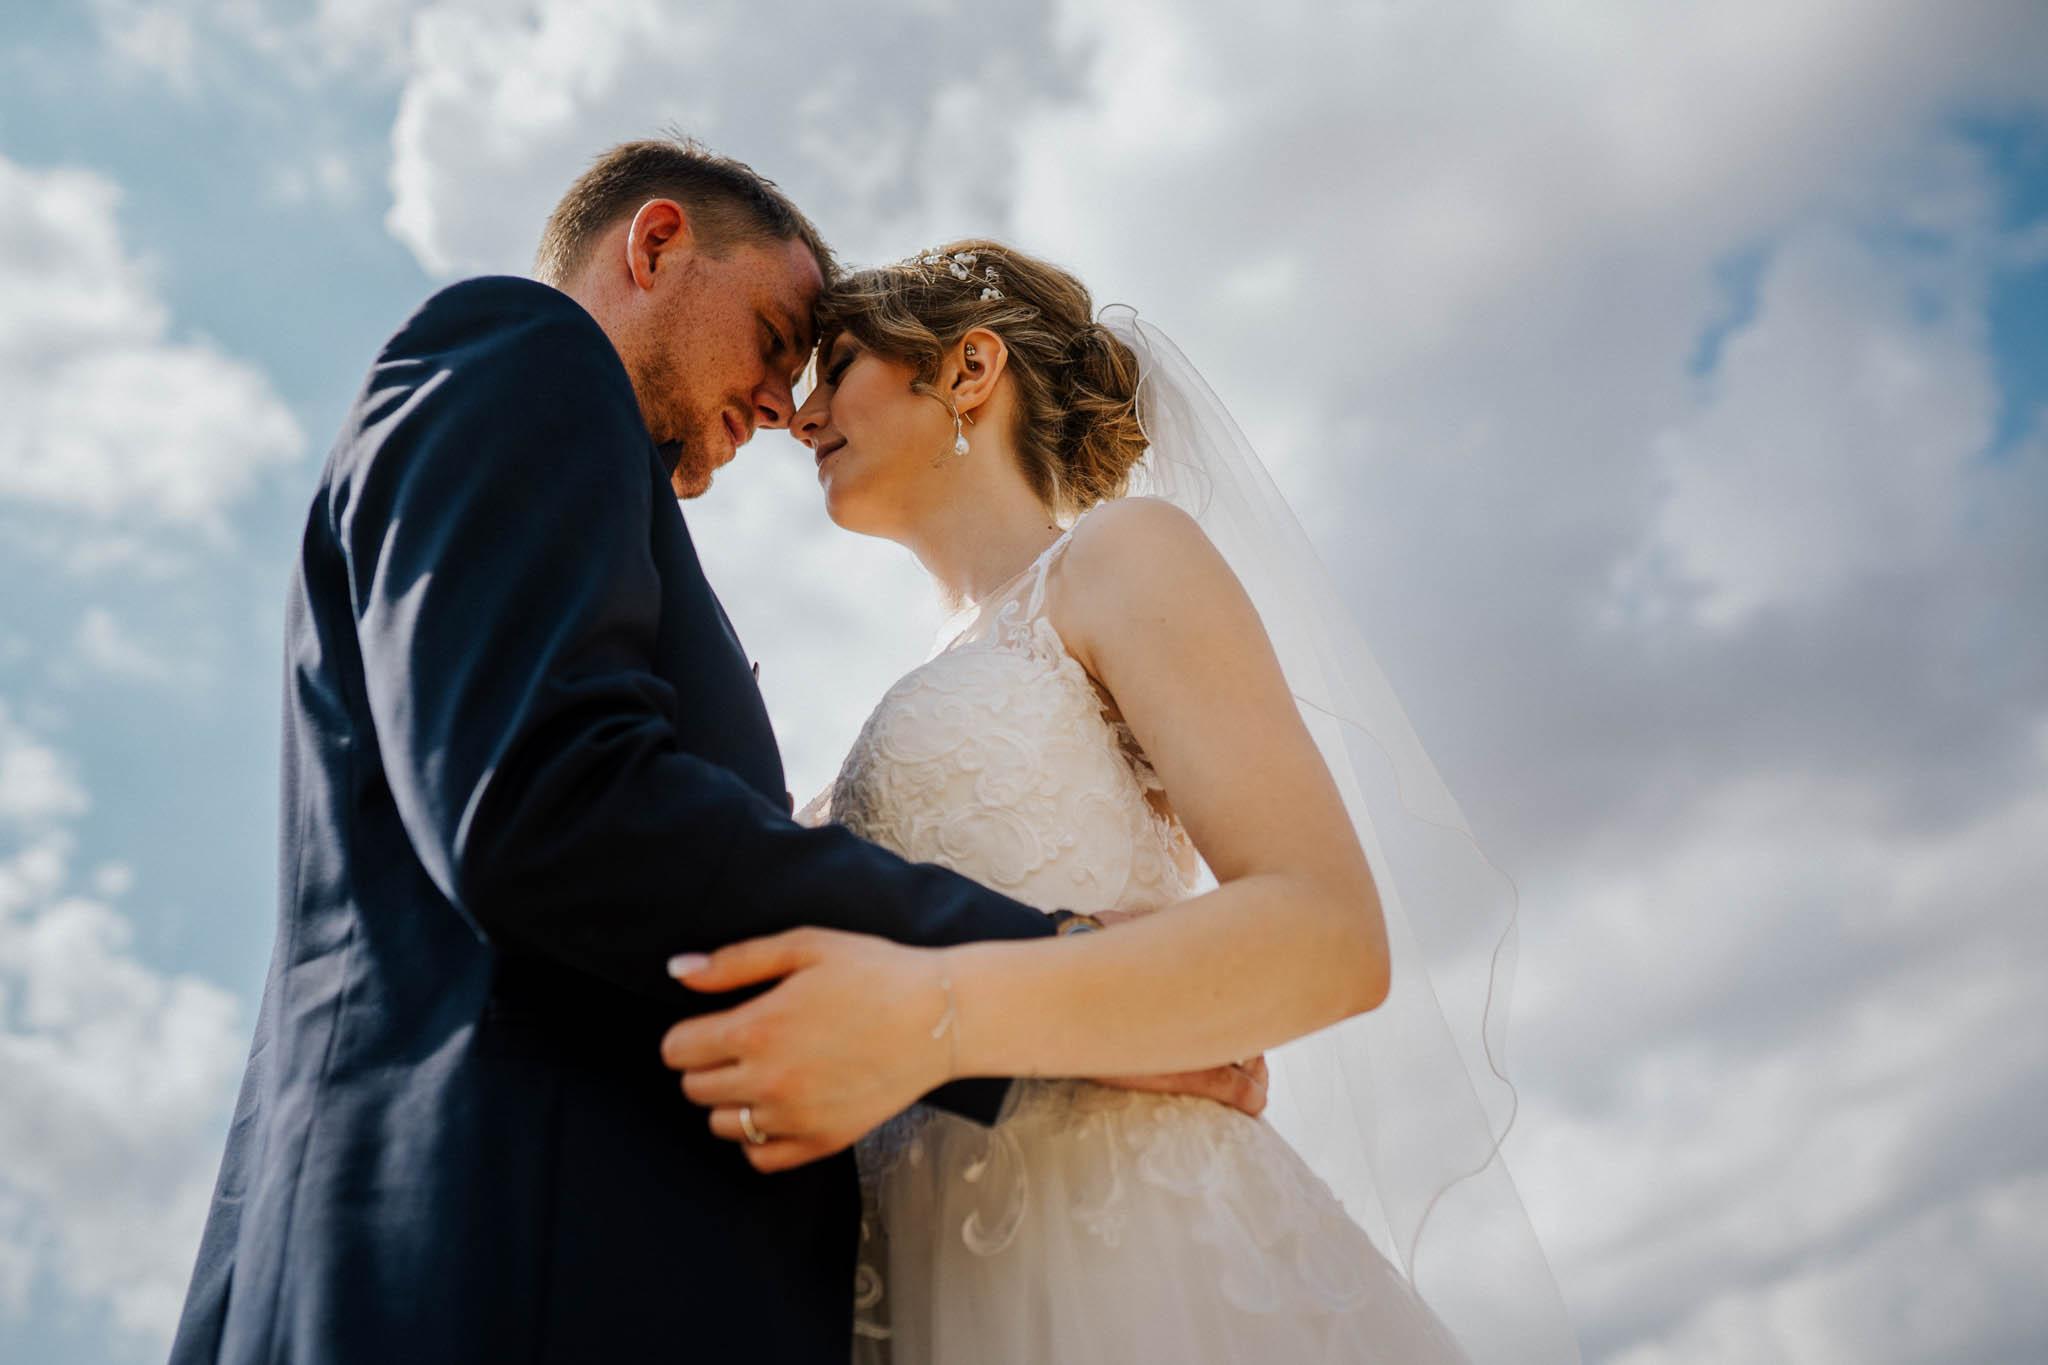 Hochzeitsfieber by Photo-Schomburg, Hoichzeitsfotograf, Hamburg, Wedding, Weddingtime, Hochzeitspaar, Braut, Bräutigam, Hochzeit im Norden,-79